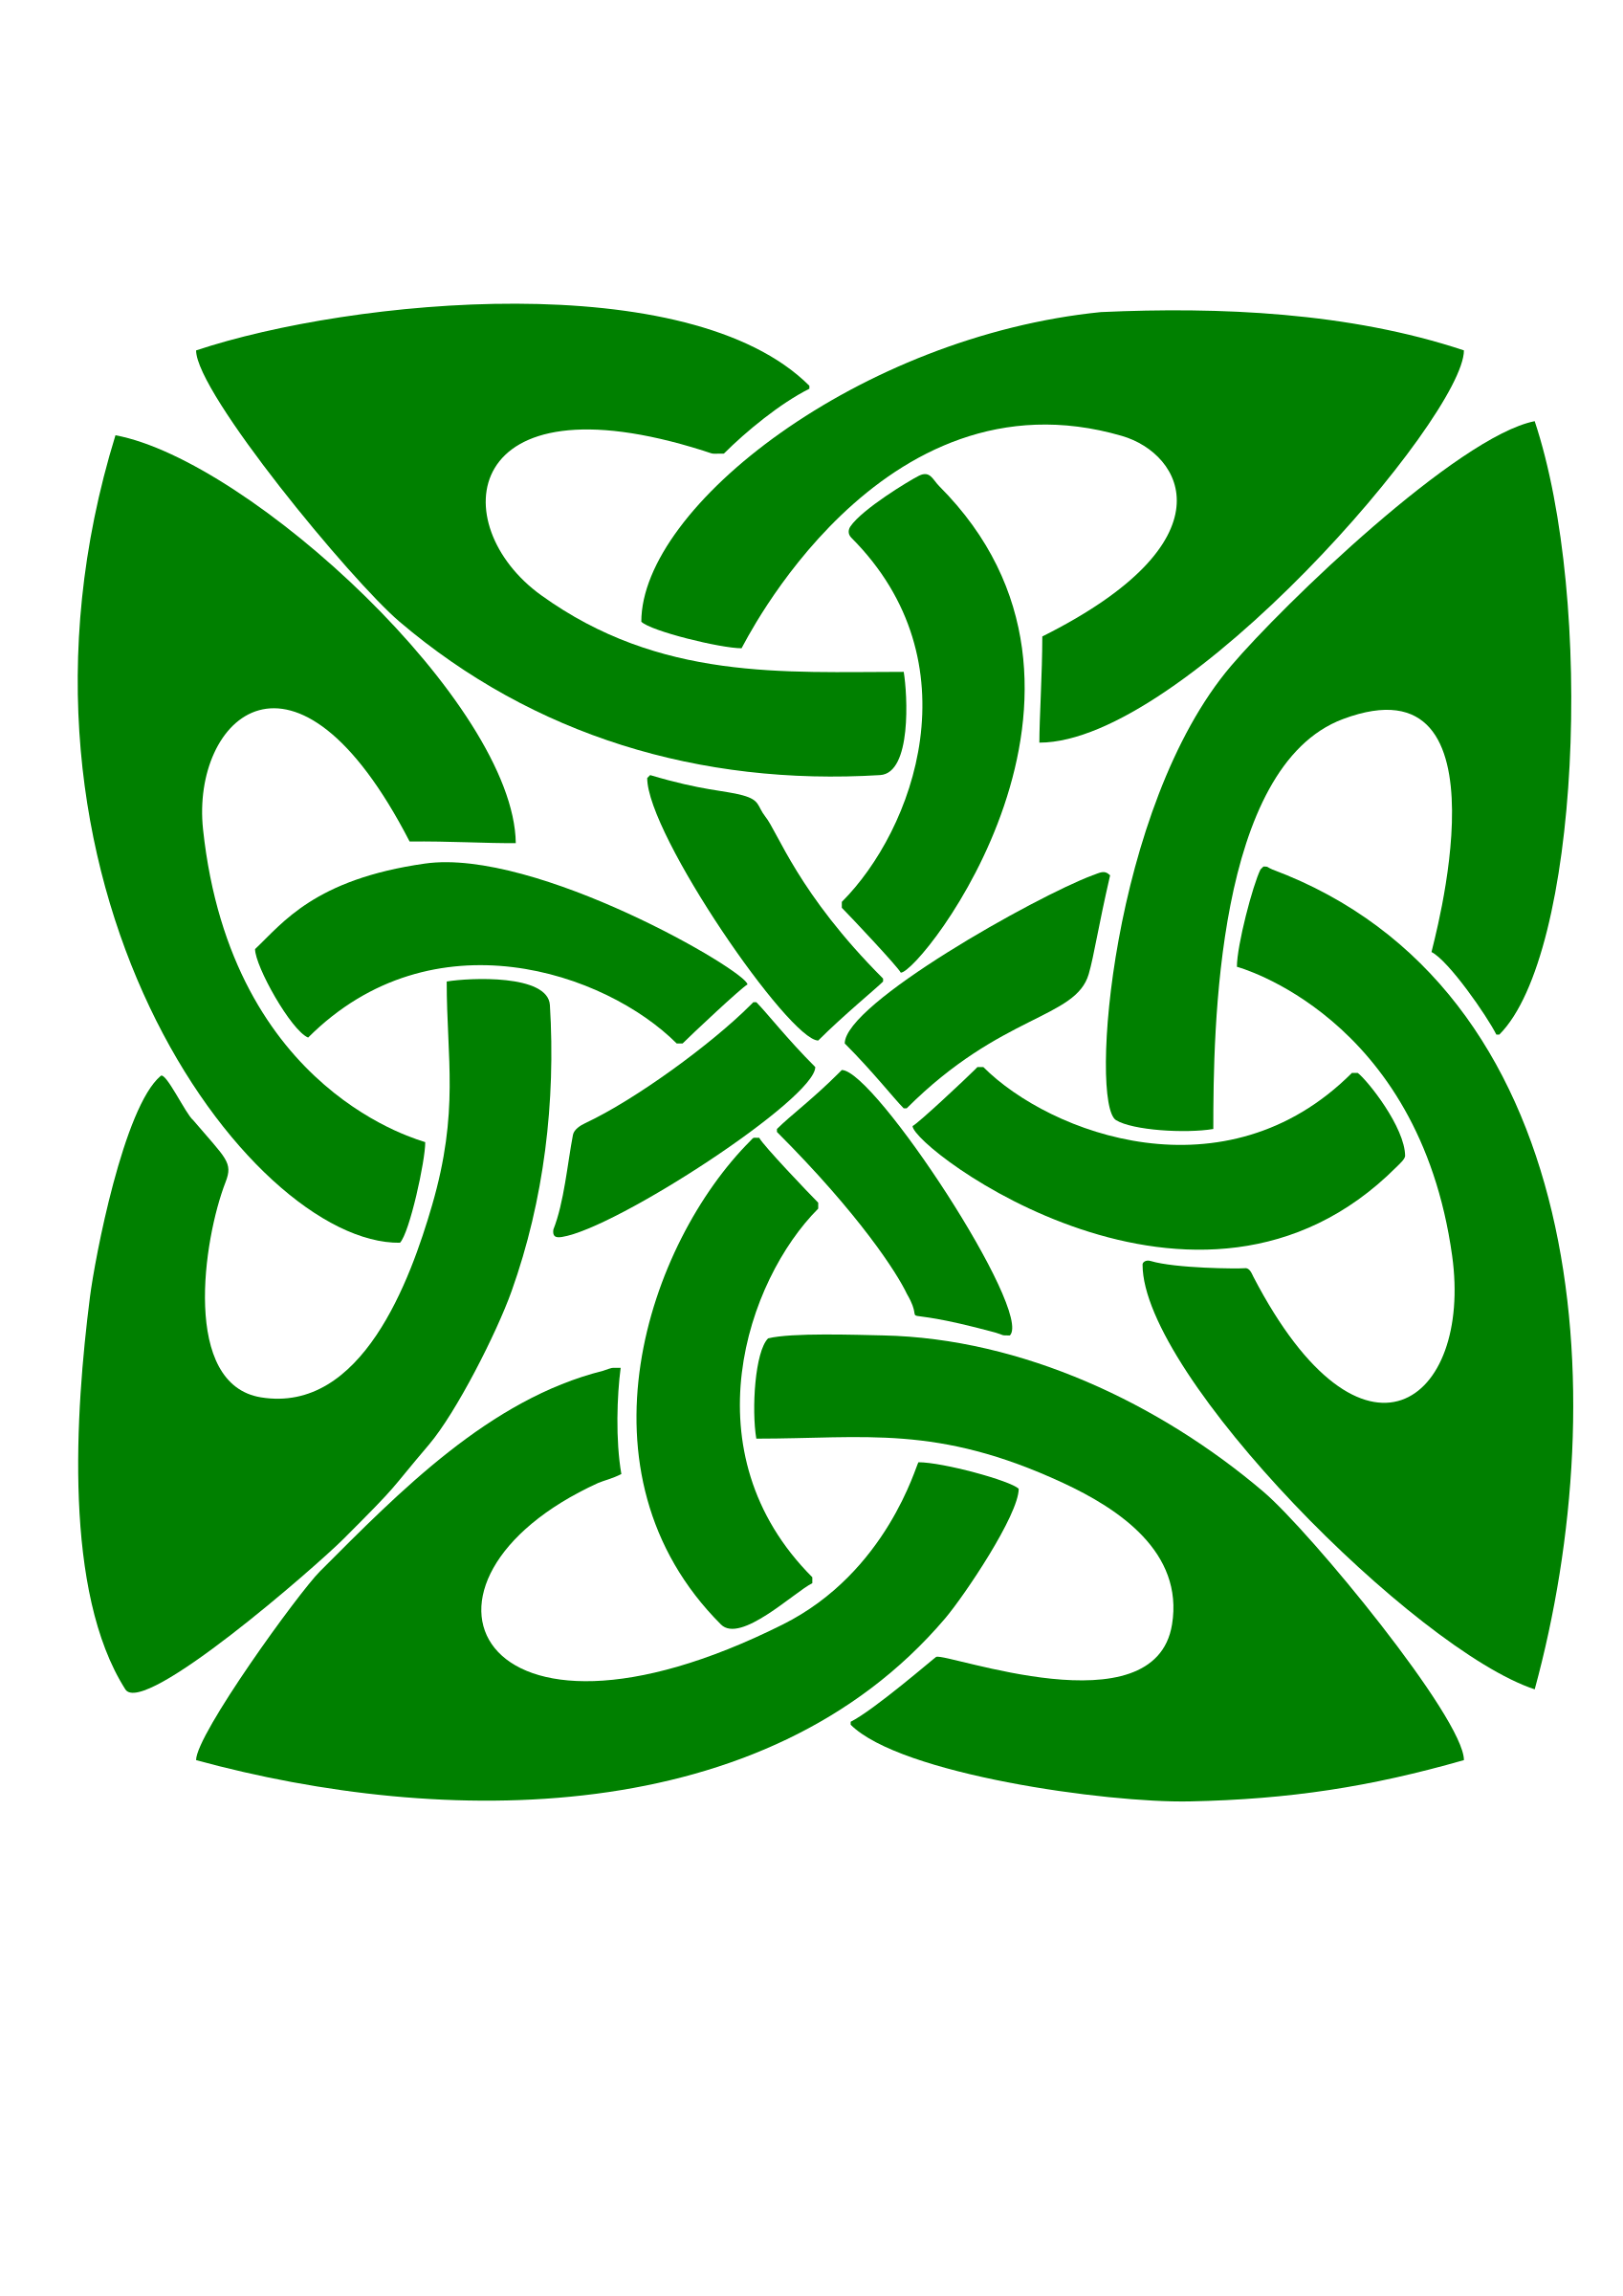 Celt clipart celtic art #11